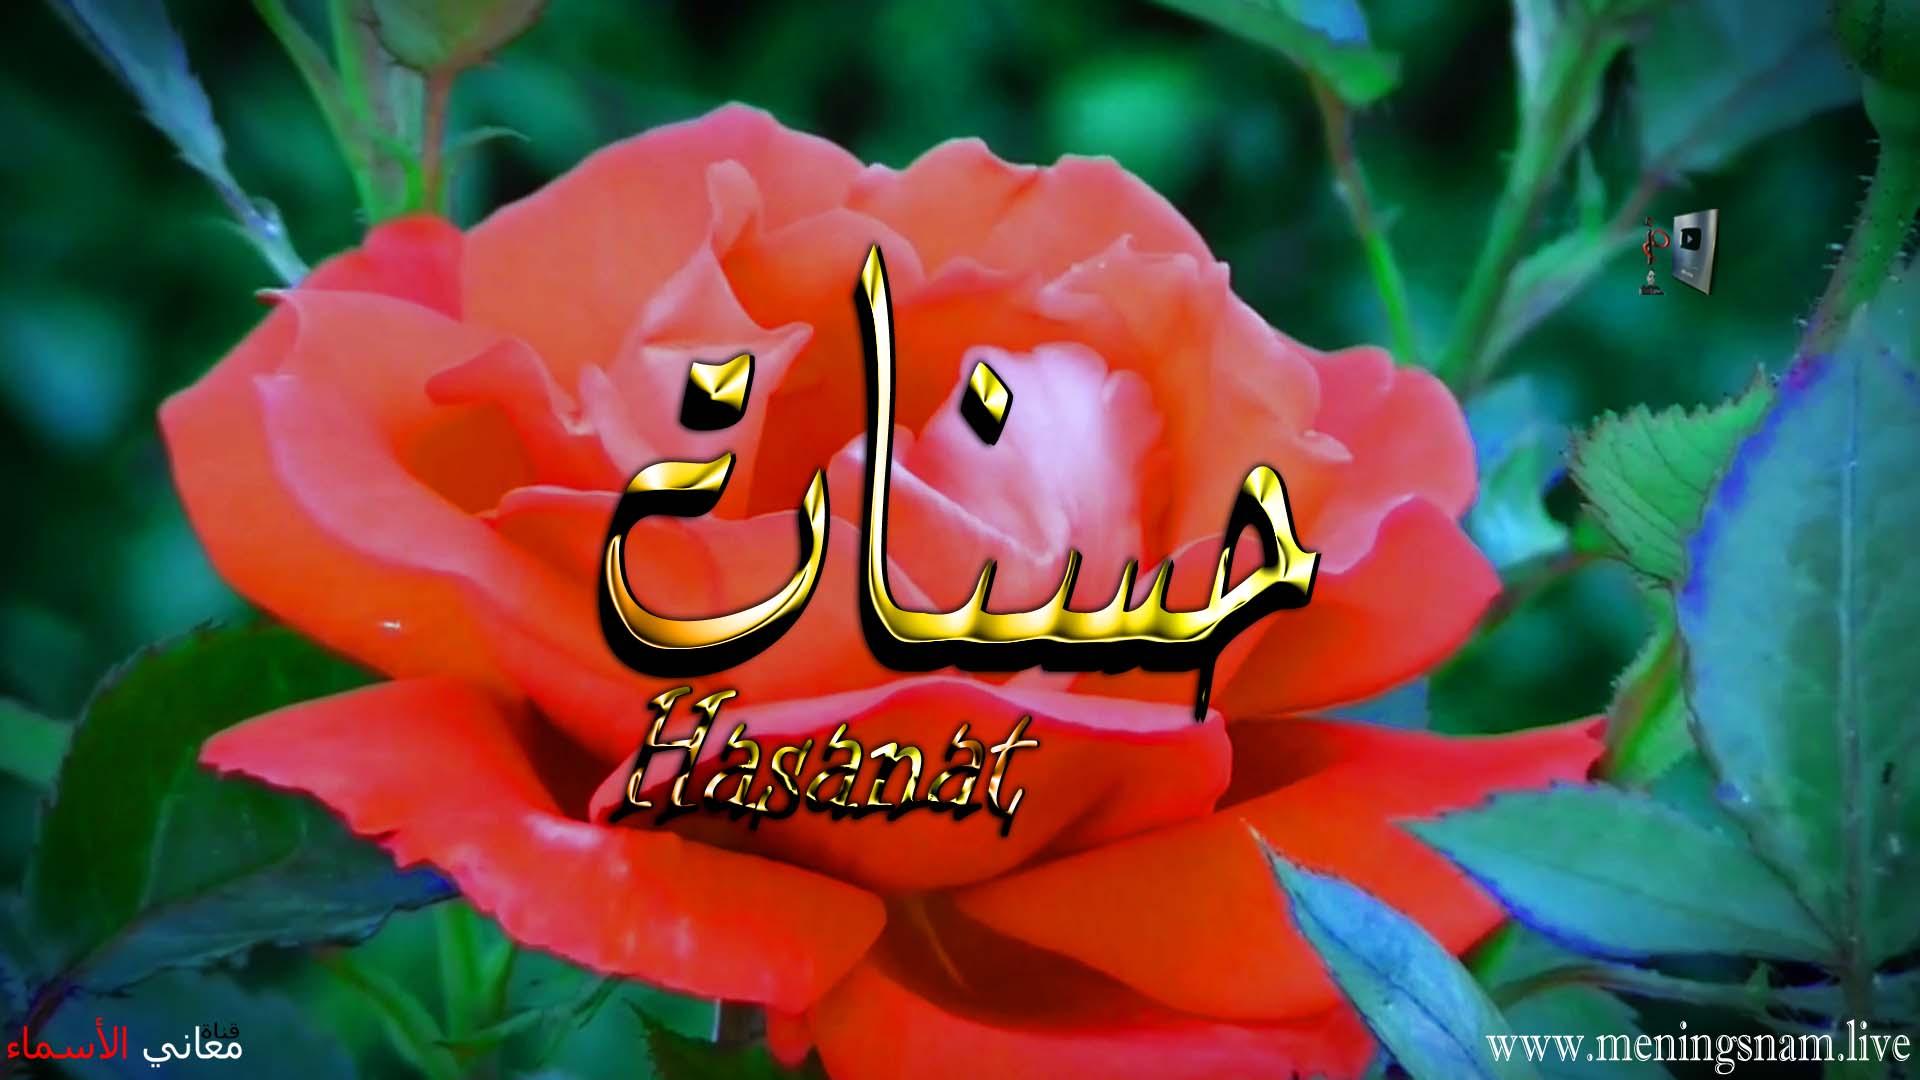 معنى اسم حسنات وصفات حاملة هذا الاسم Hasnat